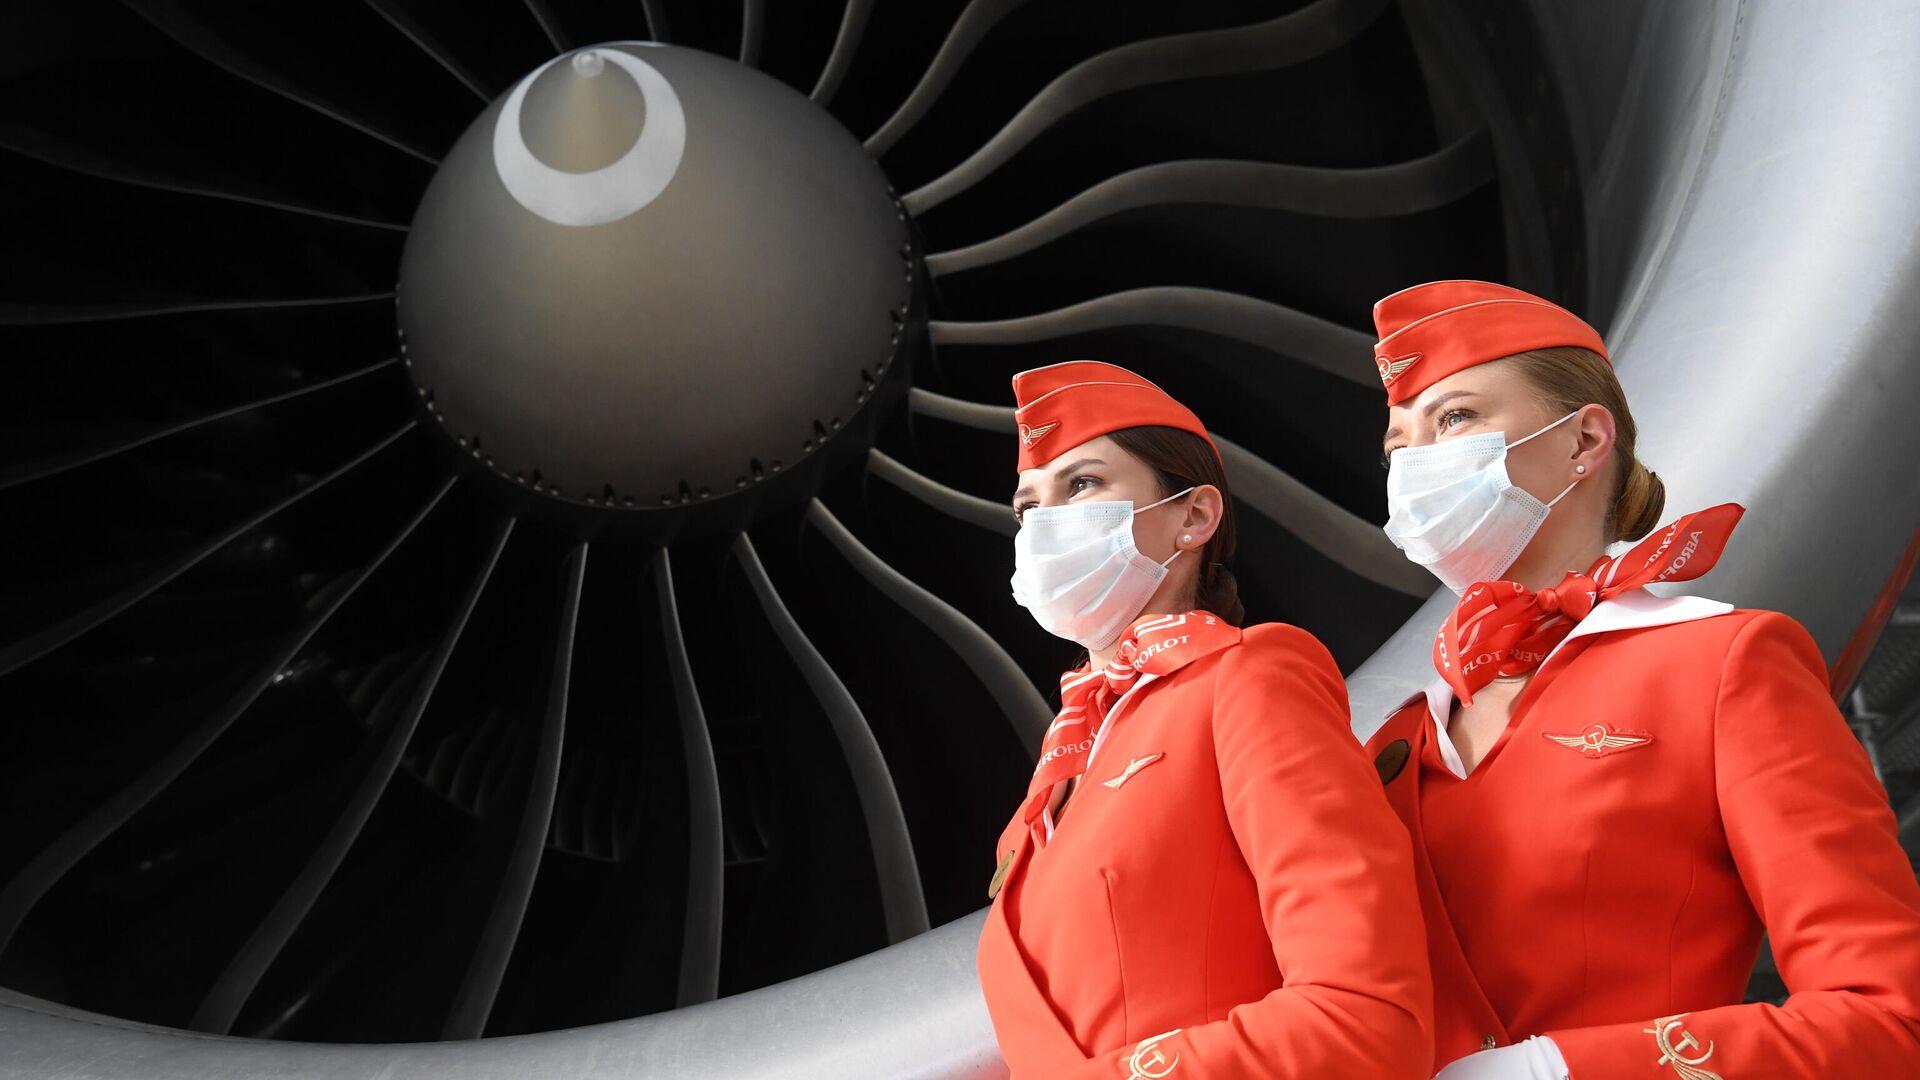 Стюардессы авиакомпании Аэрофлот у самолета Boeing 777-3M0/ER M.Kutuzov во время презентации новейшего ангарного комплекса в Шереметьево - РИА Новости, 1920, 29.04.2021